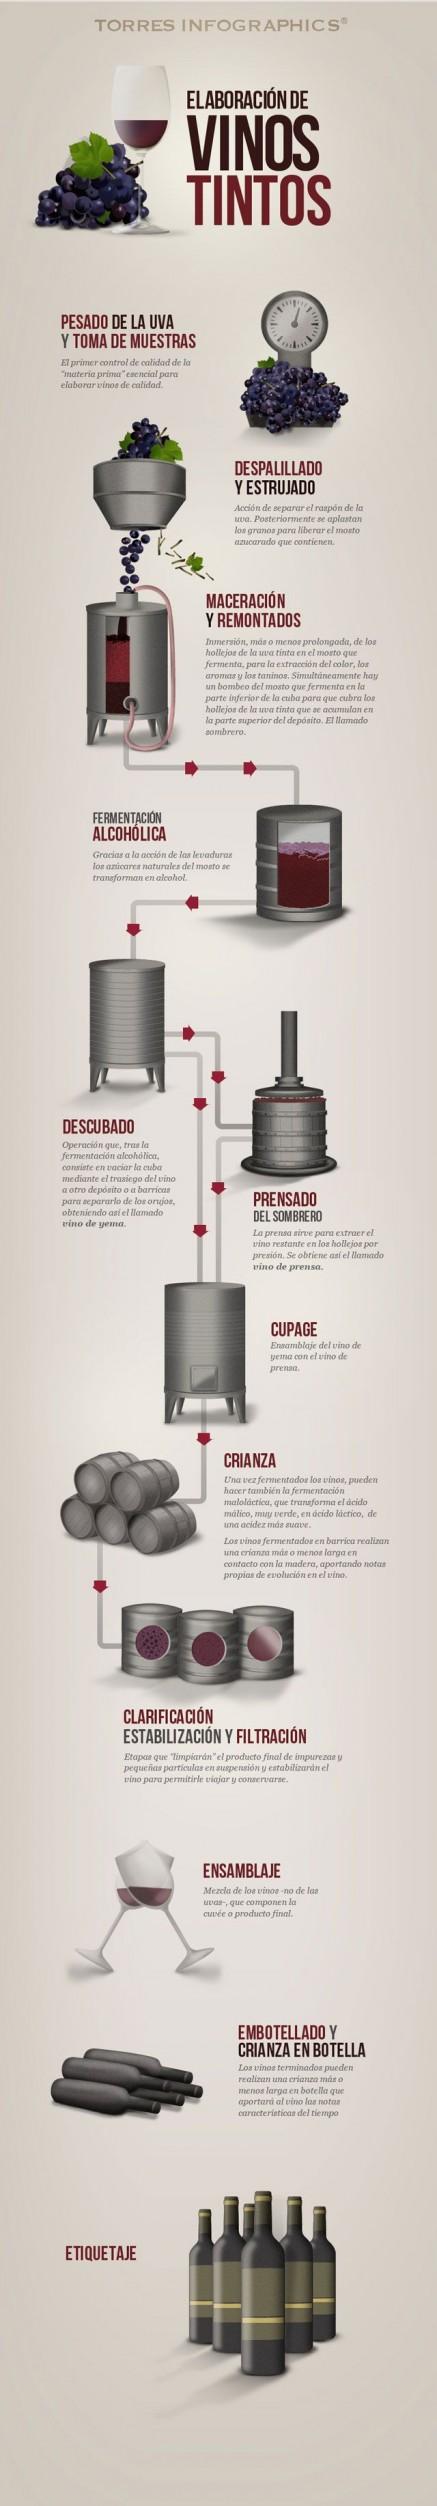 infografia-vino-tinto